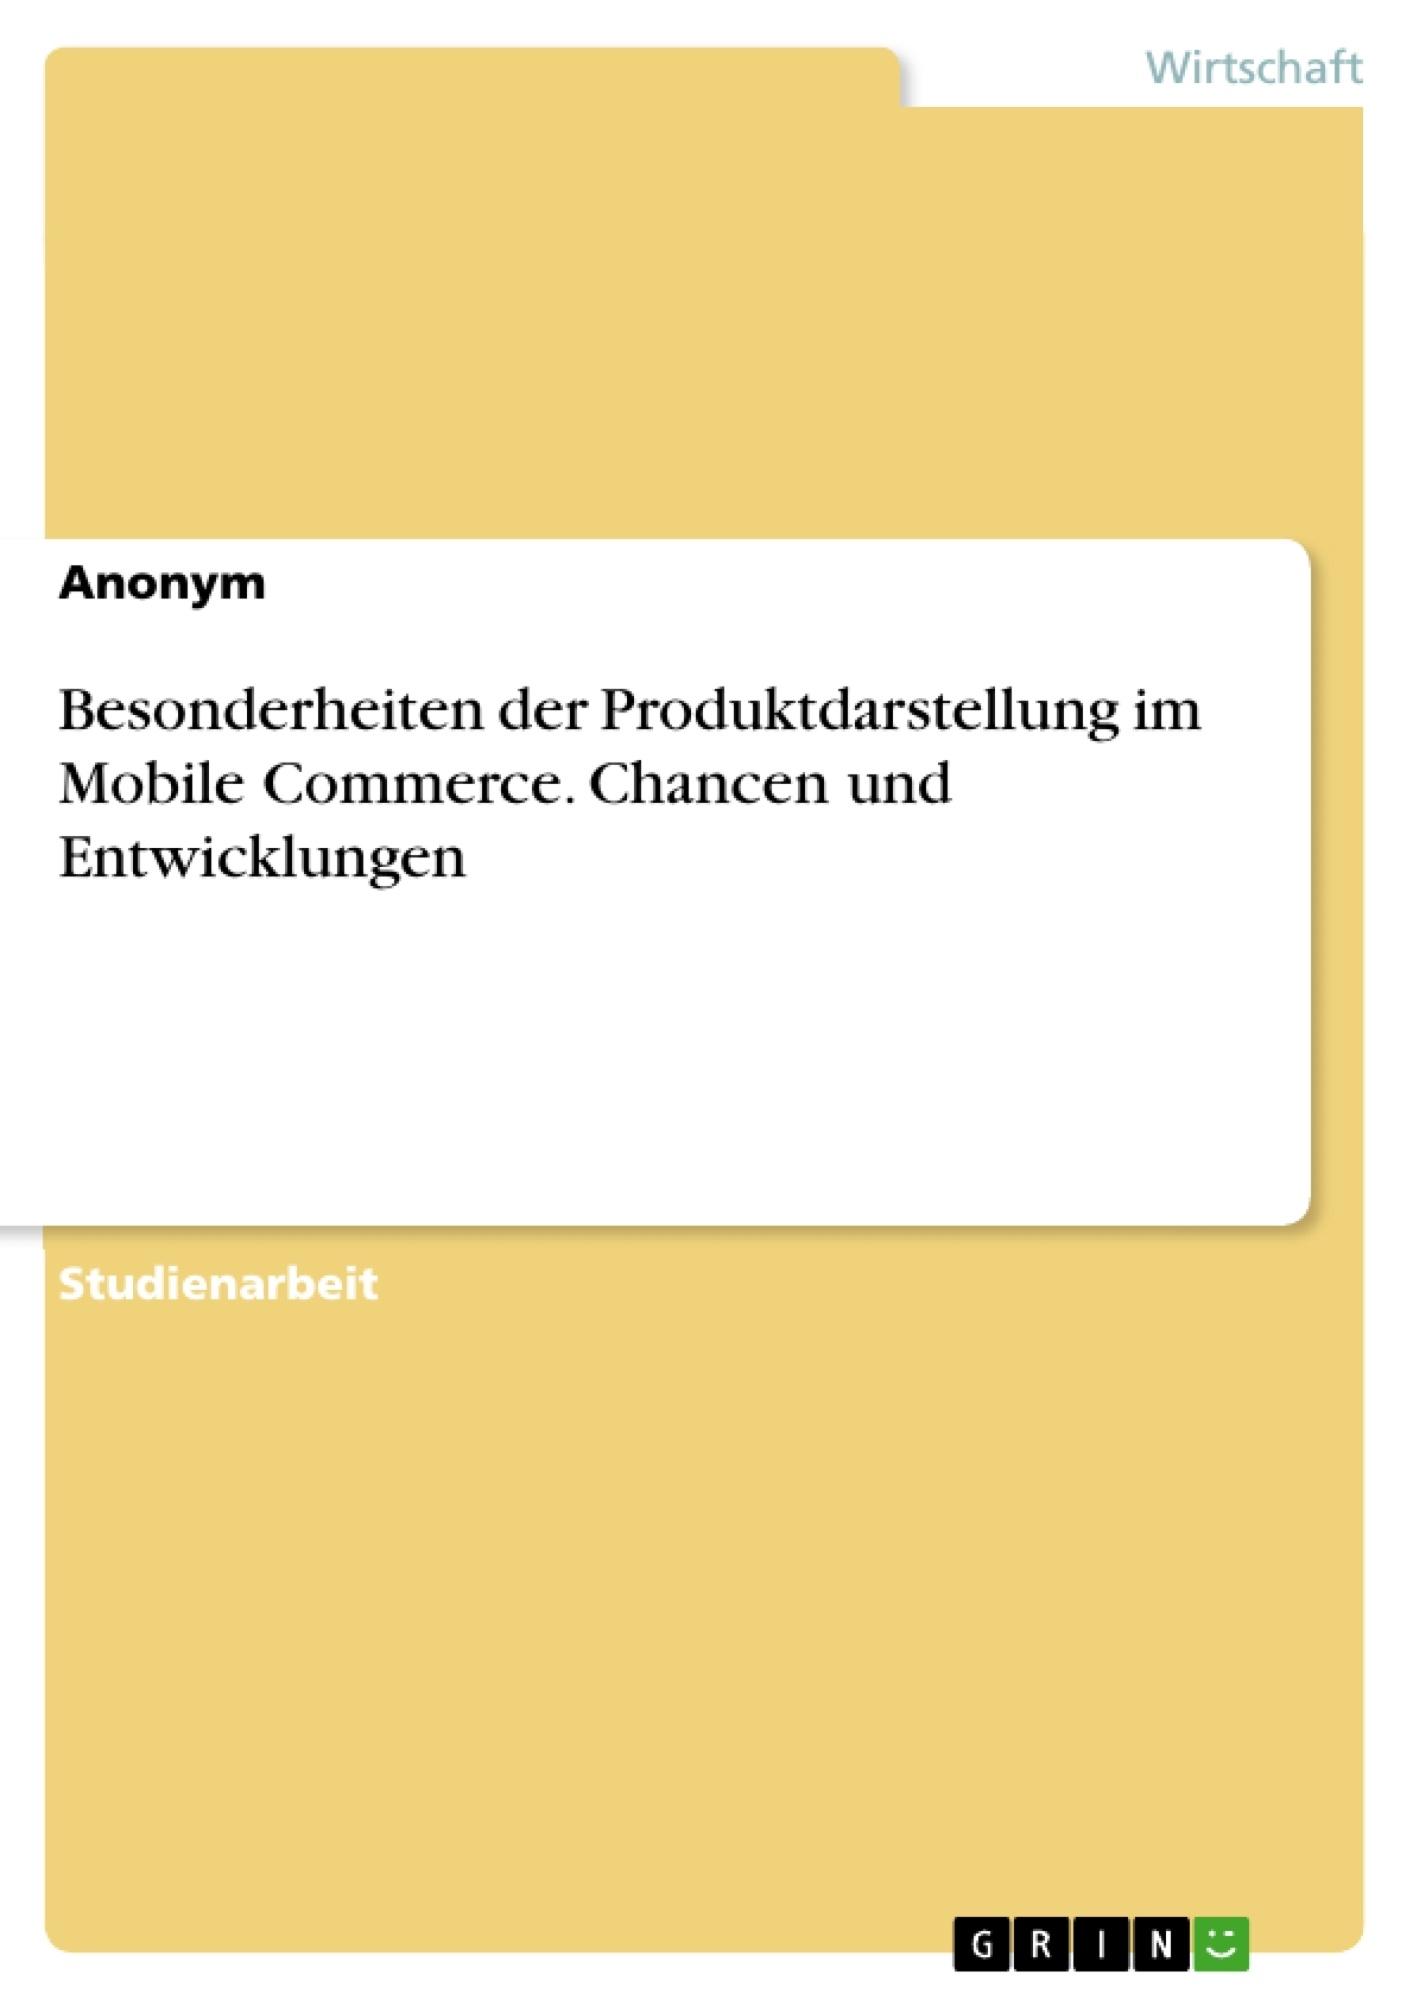 Titel: Besonderheiten der Produktdarstellung im Mobile Commerce. Chancen und Entwicklungen